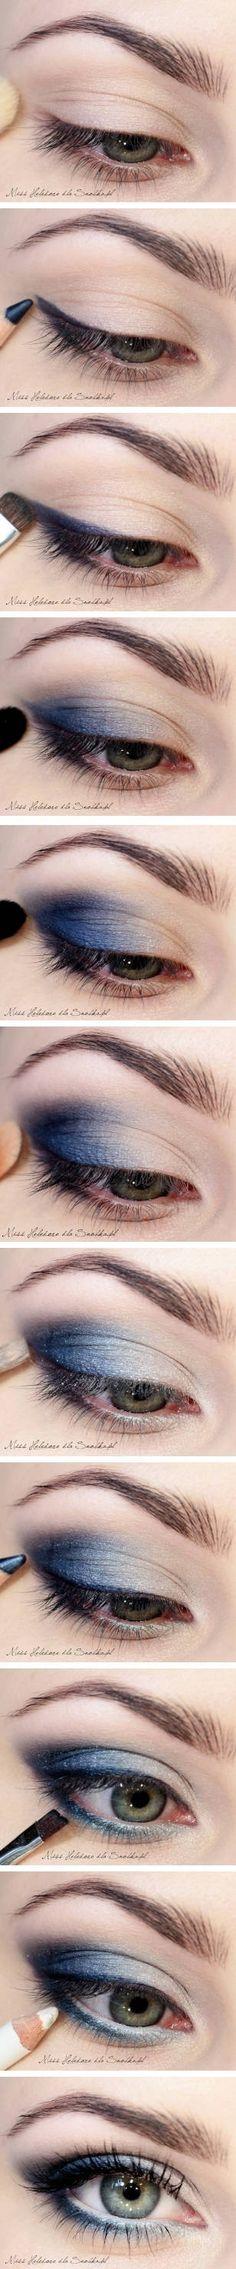 Smokey Eye Technique